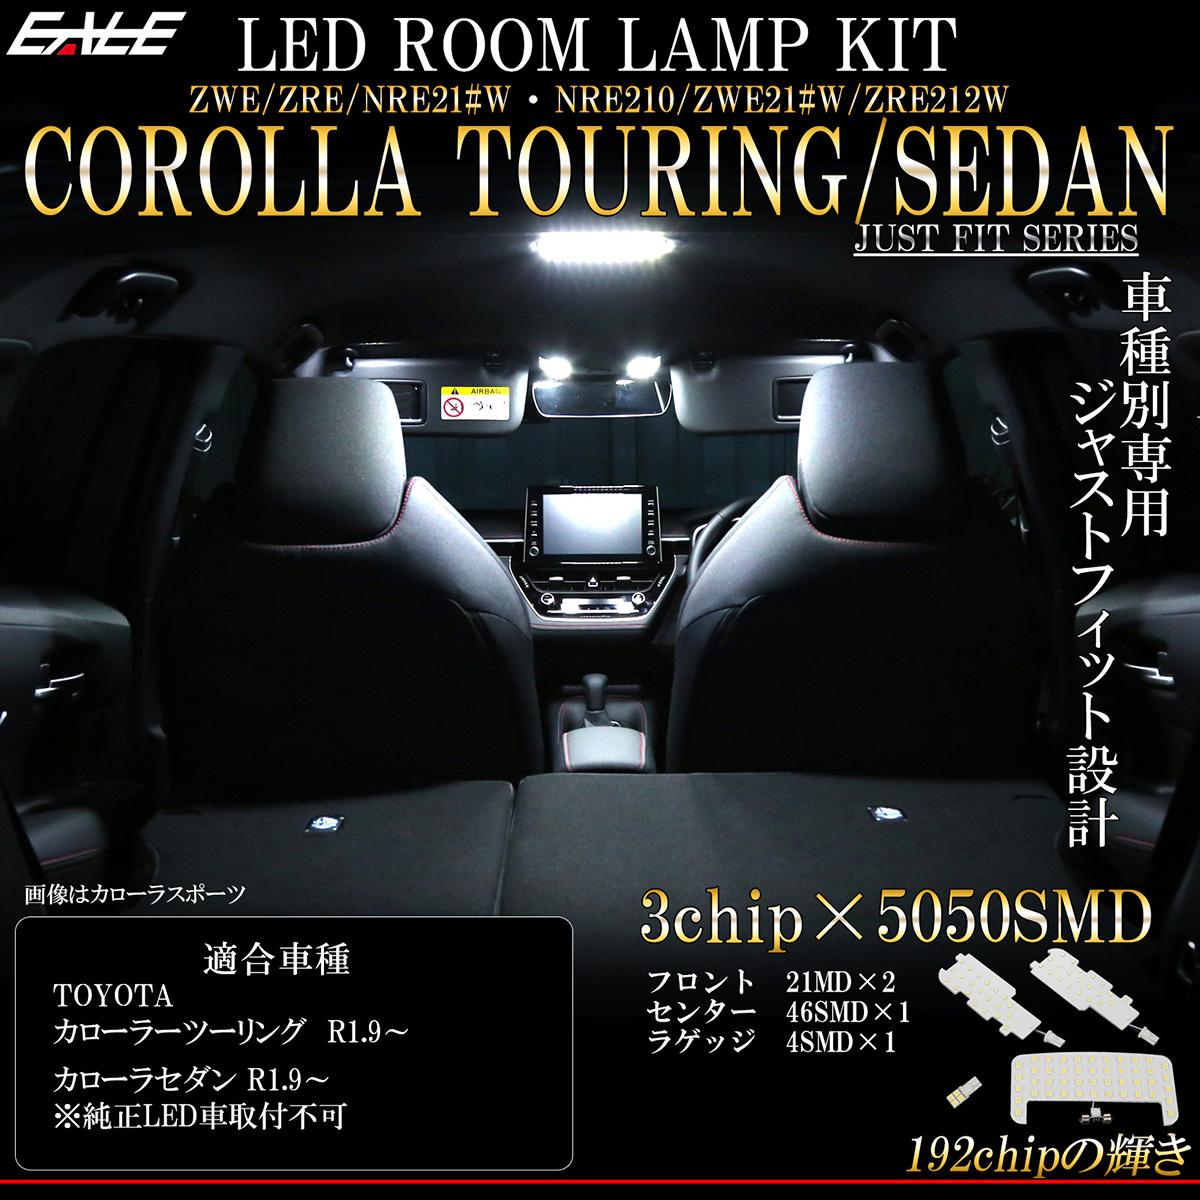 【ネコポス可】 210系 カローラ ツーリング セダン LED ルームランプ 専用設計 純白光 7000K ホワイト 取説付 トヨタ車 R-485